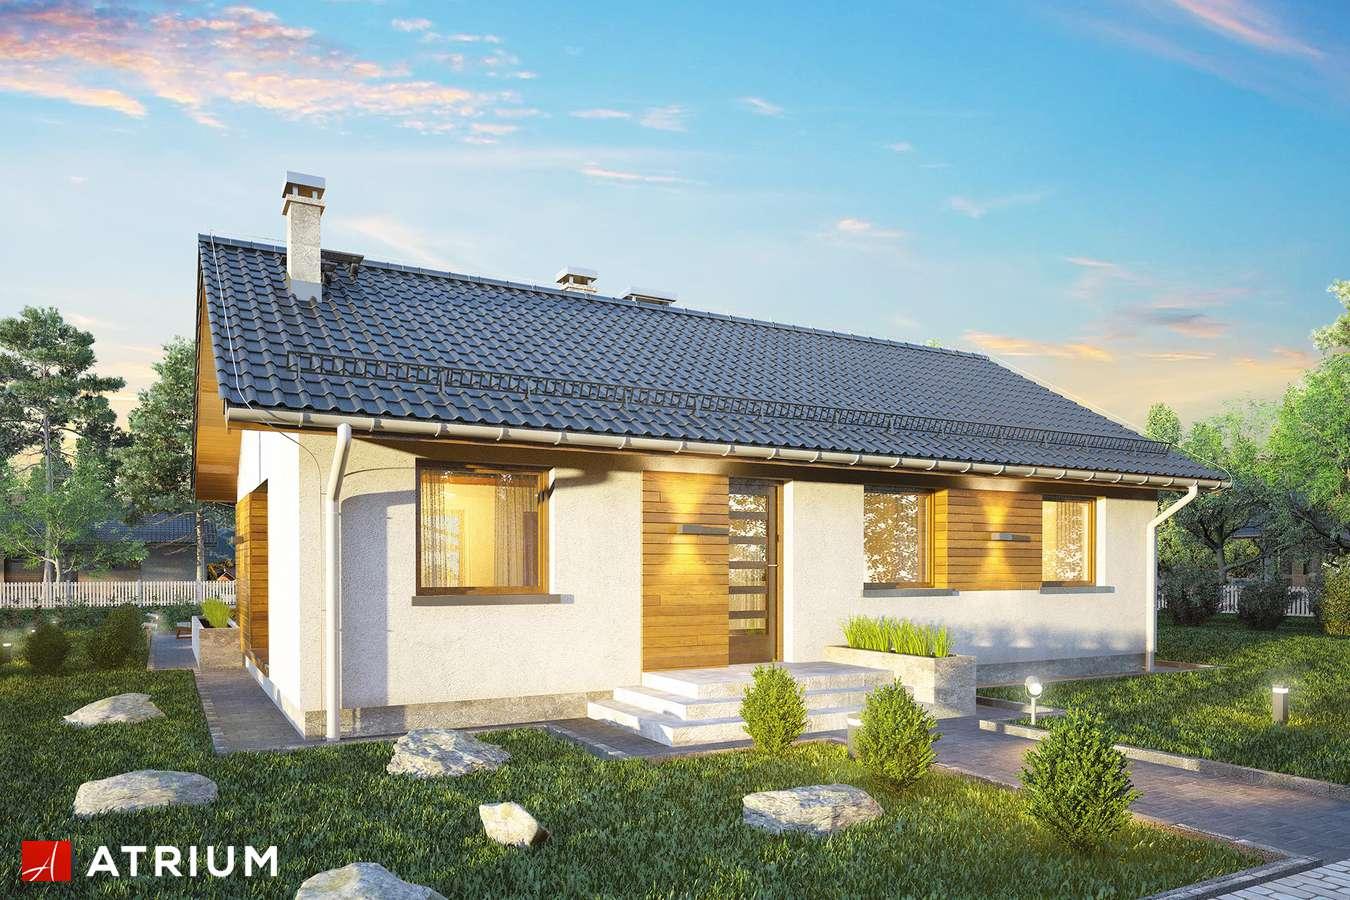 Projekty domów - Projekt domu parterowego AURORA MIDI - wizualizacja 2 - wersja lustrzana